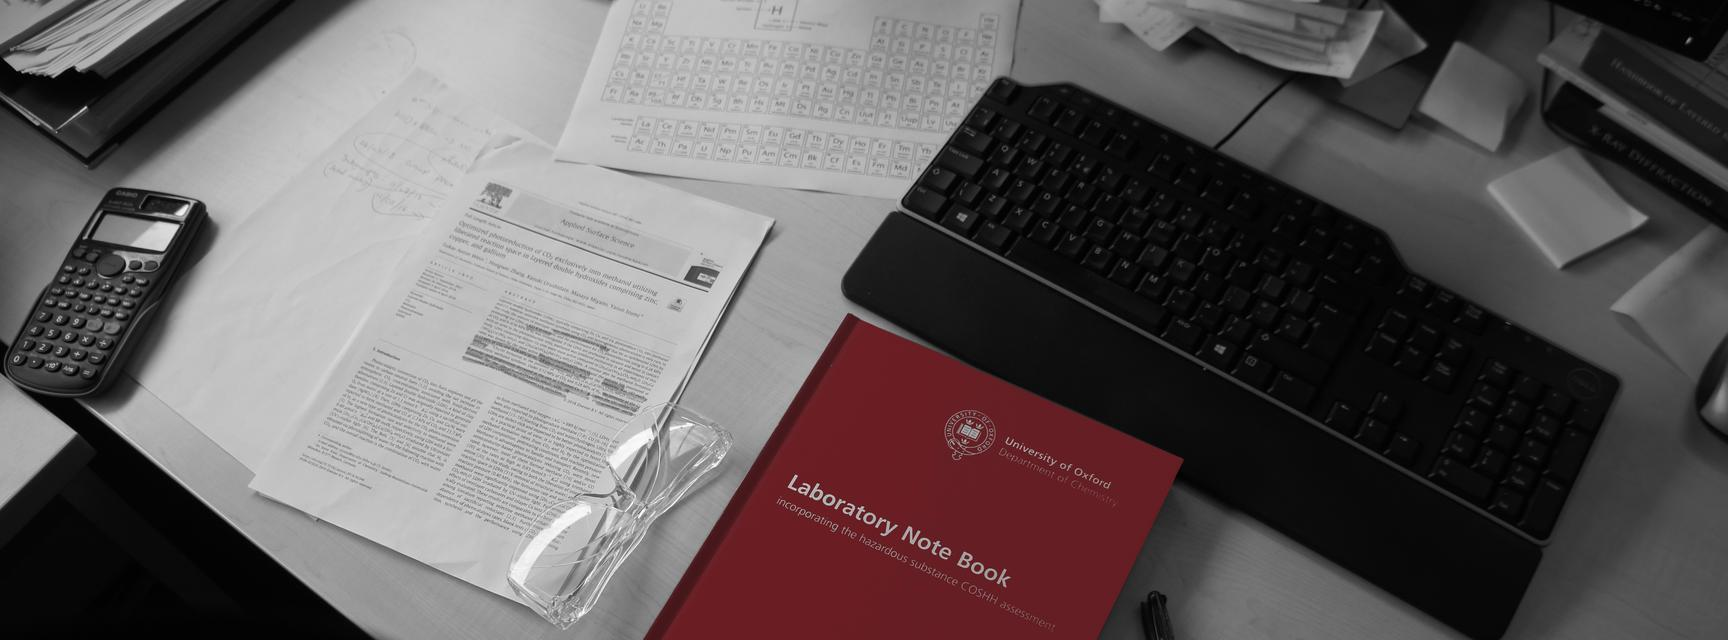 laboratory note book